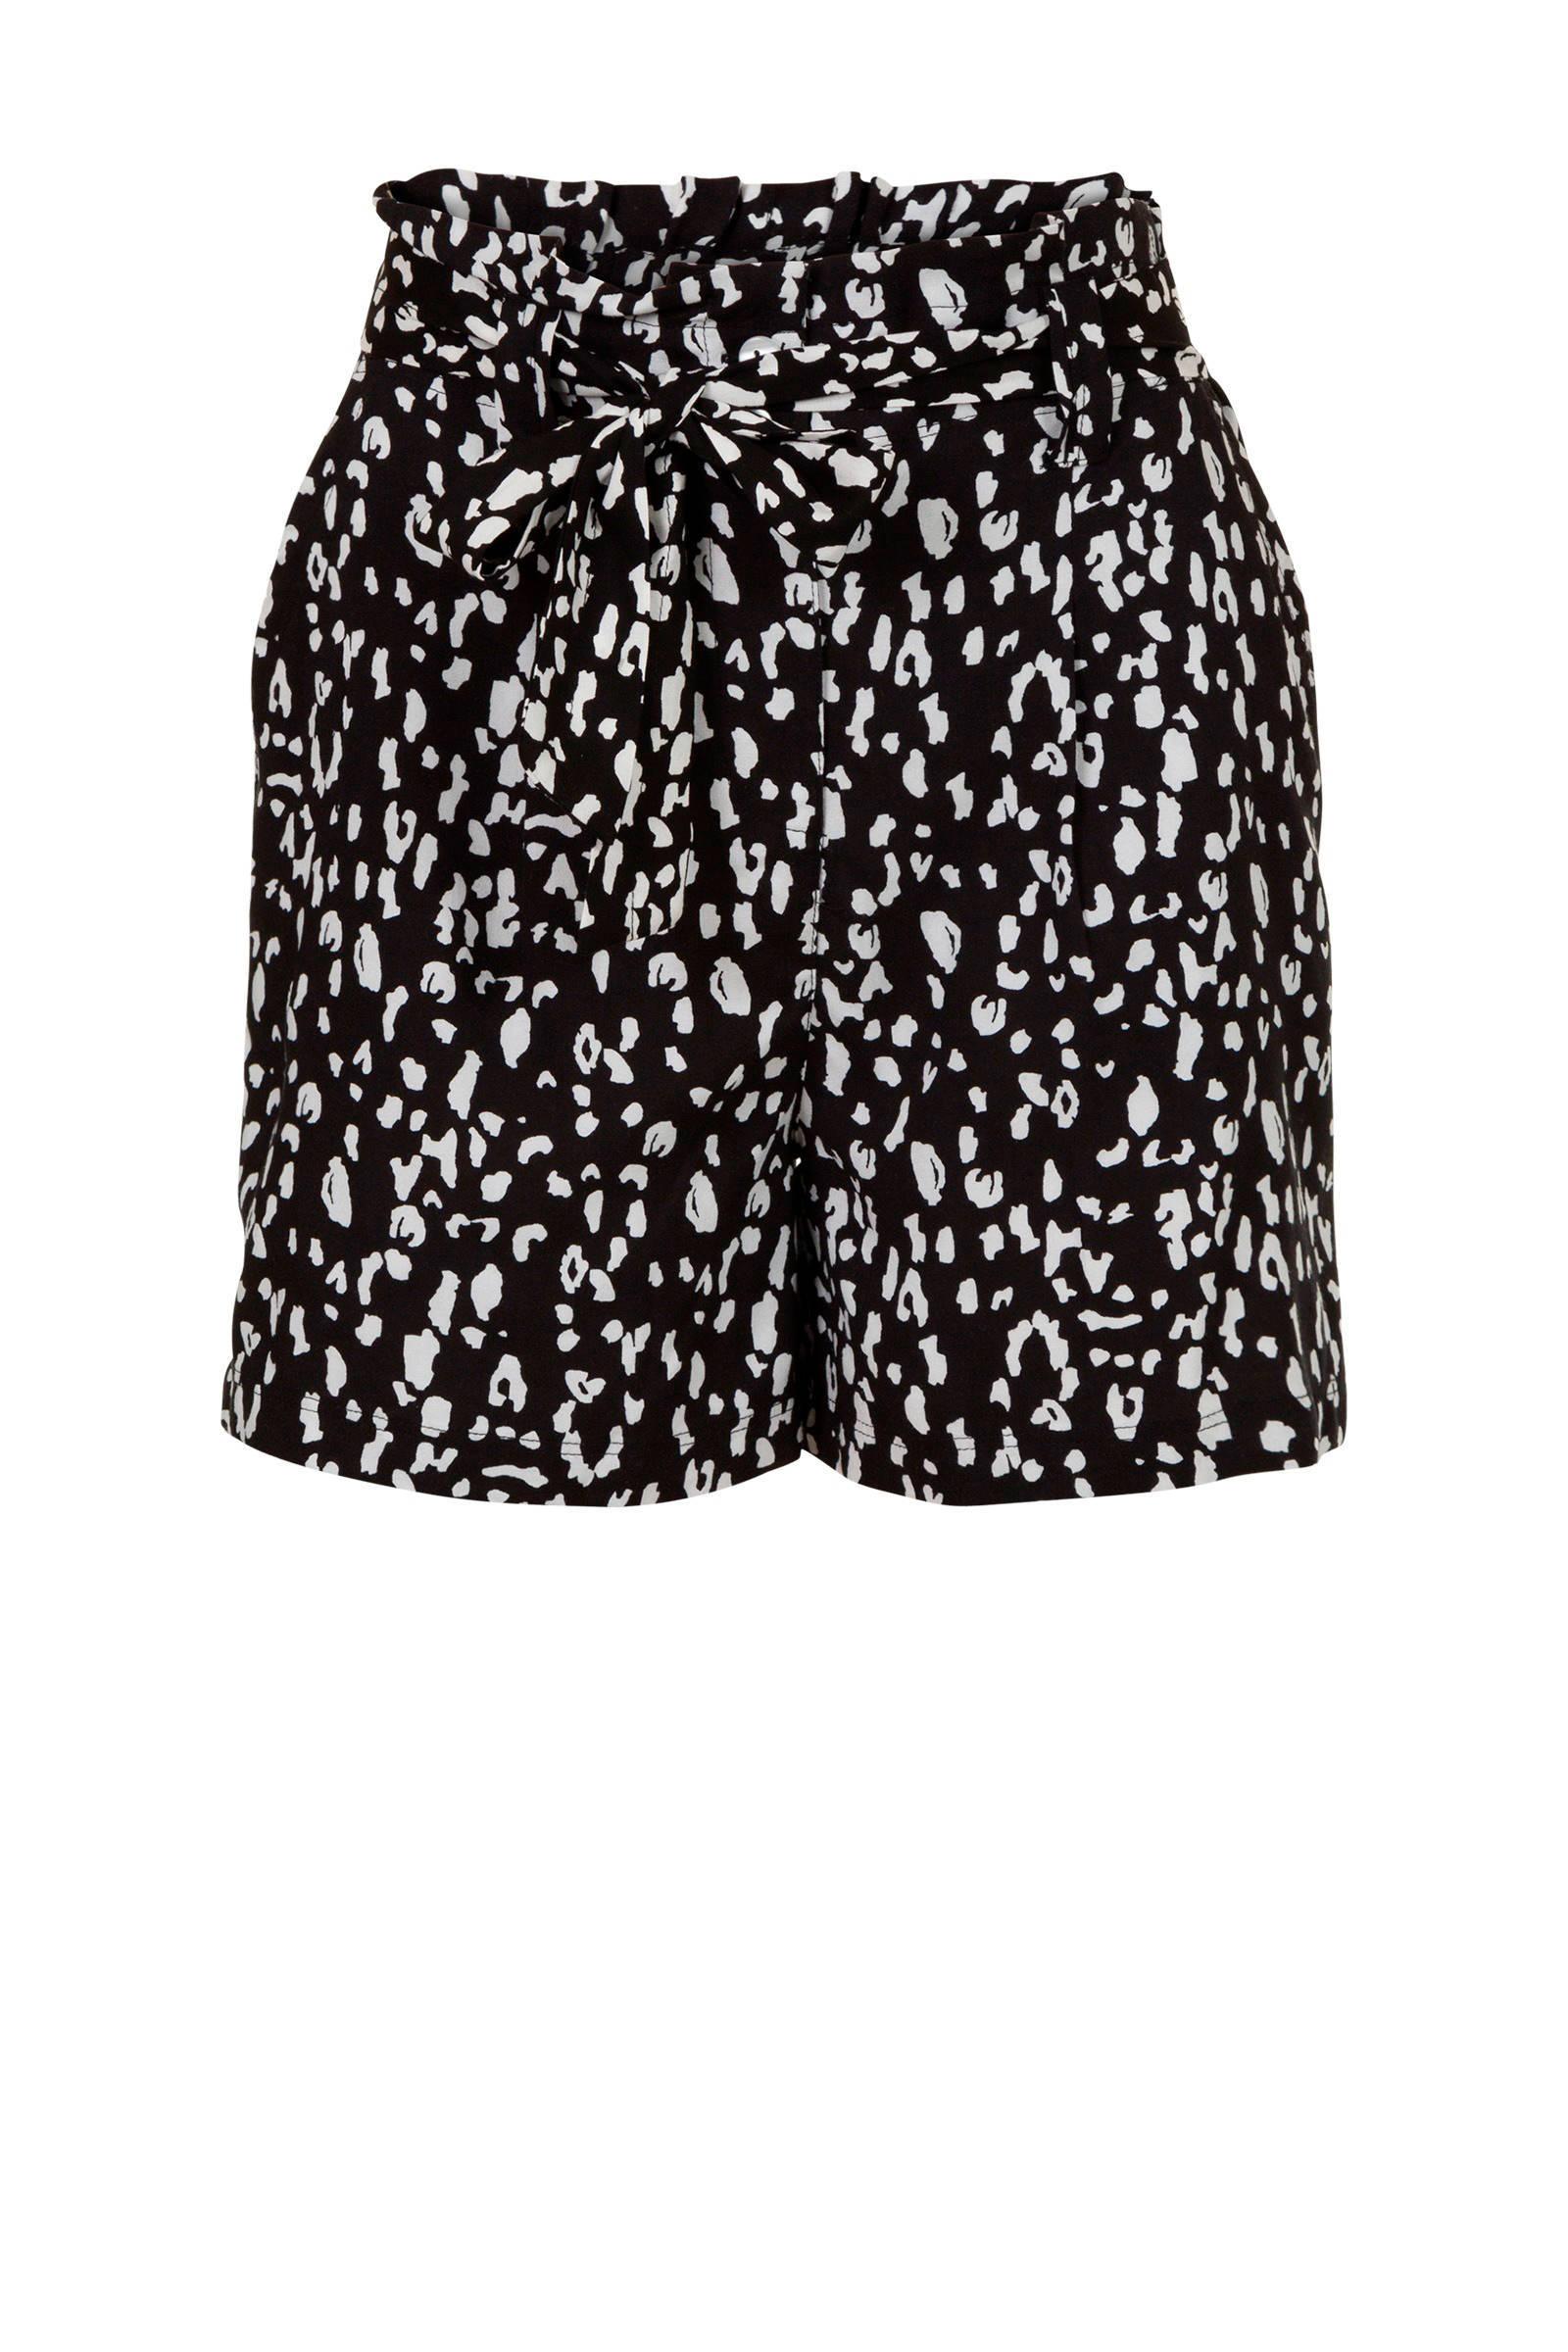 high waist loose fit short met panterprint zwart